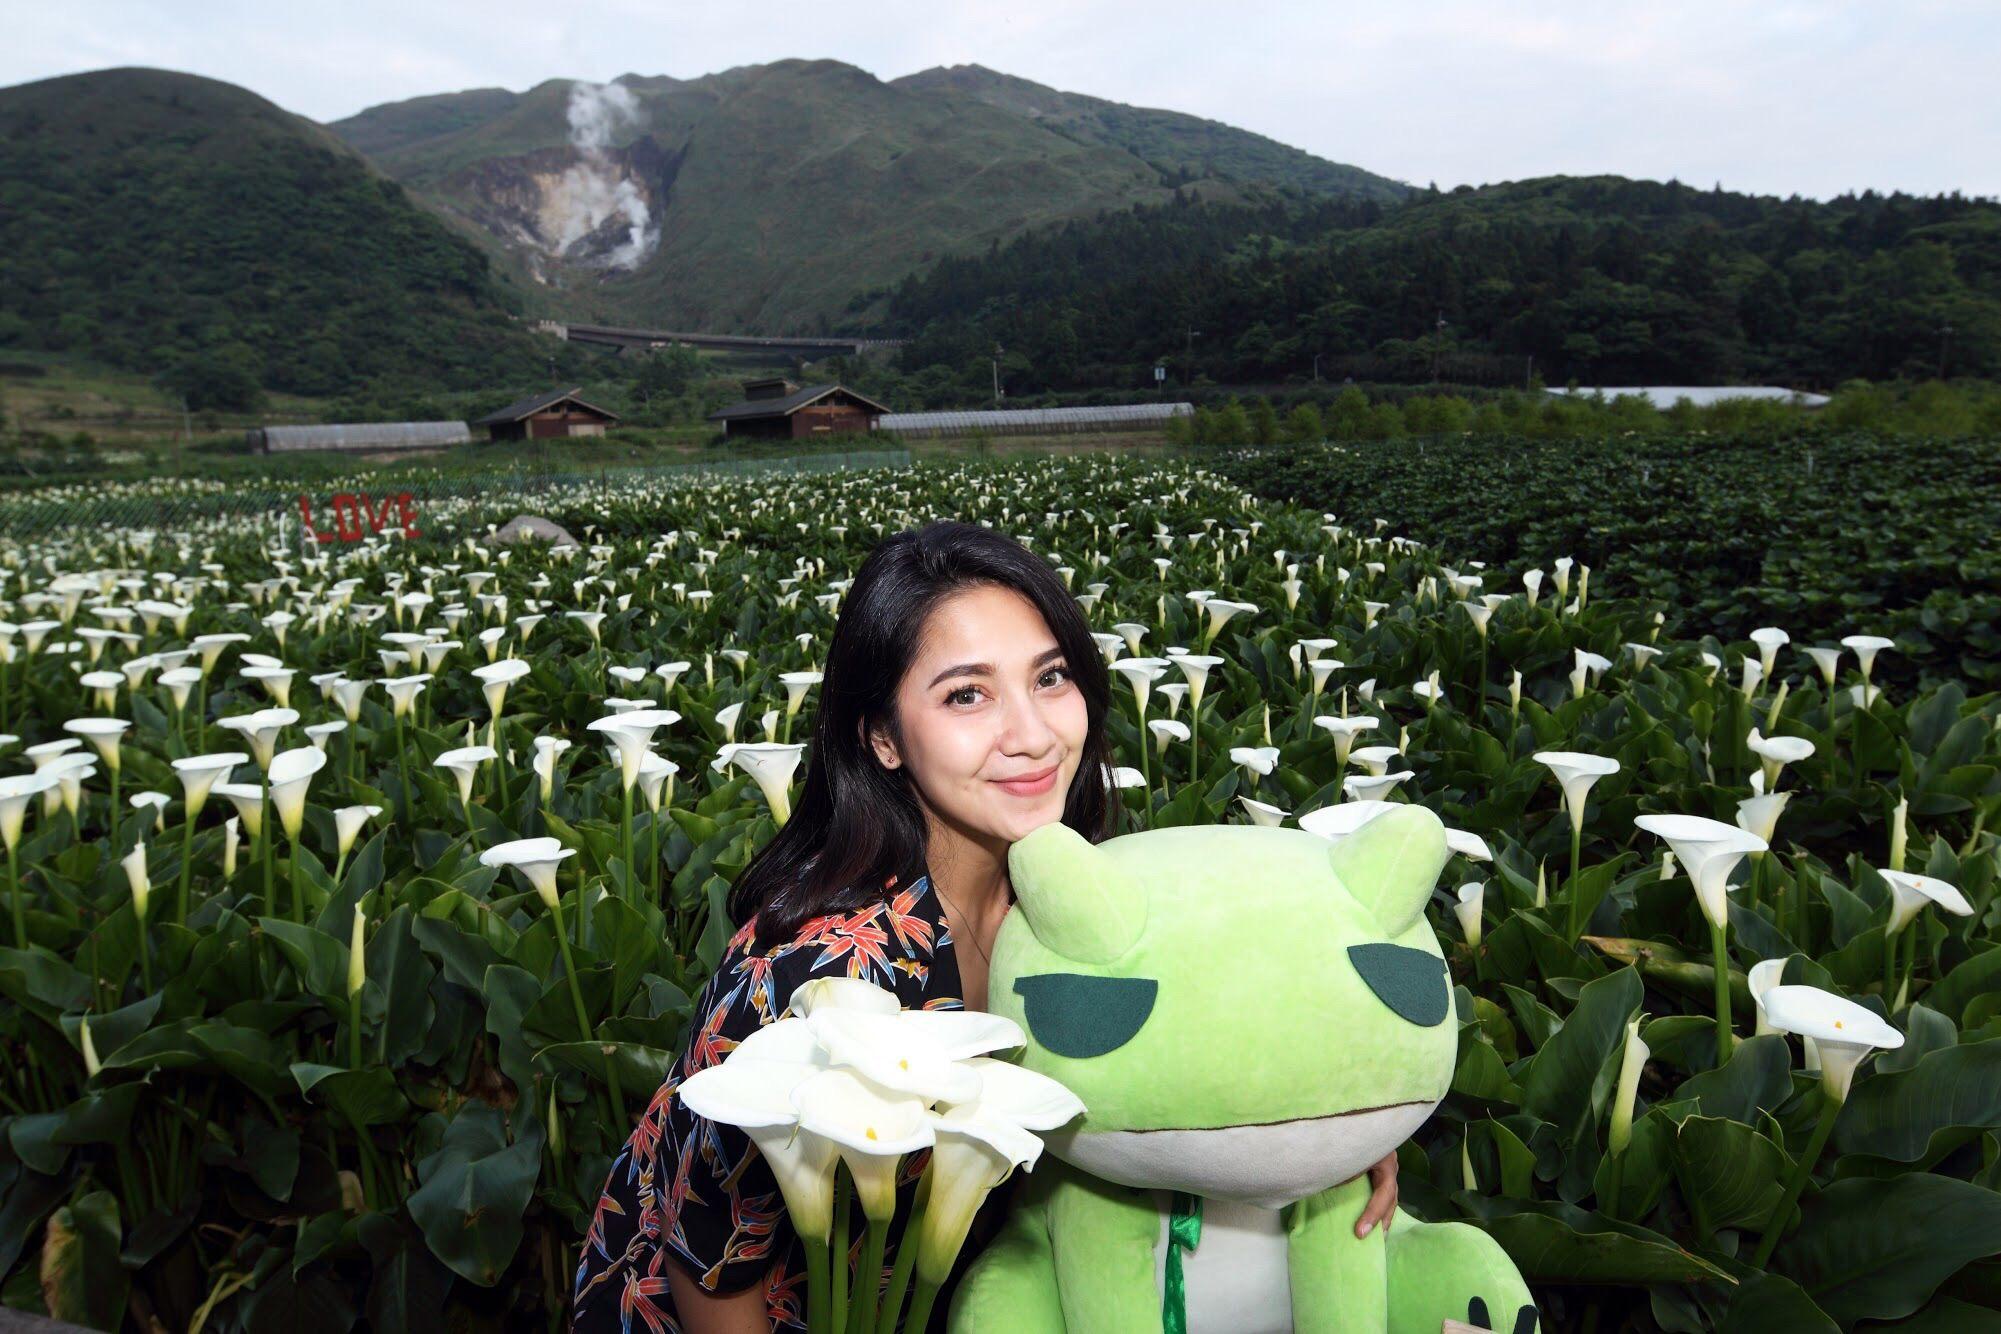 印尼知名演員網紅dinda_kirana來臺踩線盛讚臺北的美景、美食與悠閒步調